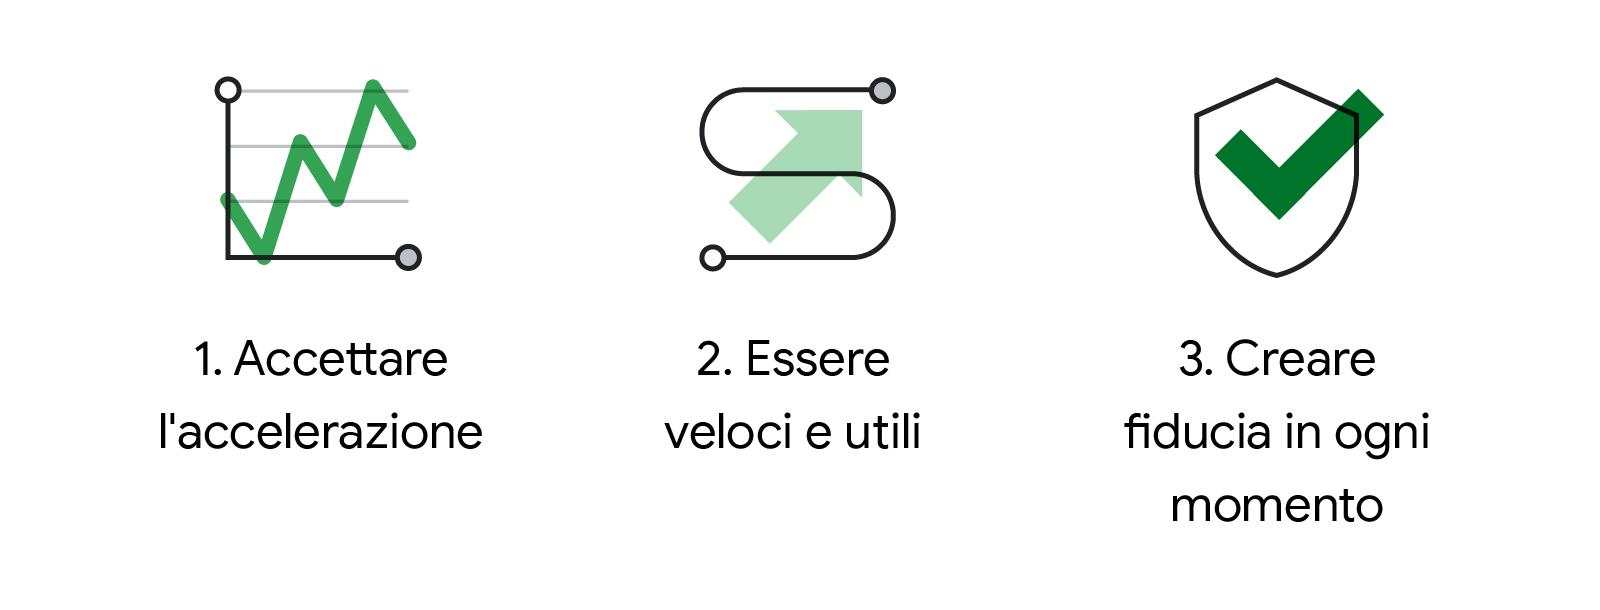 Illustrazione in bianco, nero e verde di tre icone allineate ad altrettante azioni di business: (1) Accettare l'accelerazione, (2) Essere veloci e utili, (3) Creare fiducia in ogni momento. La prima icona rappresenta un grafico lineare stilizzato con tend